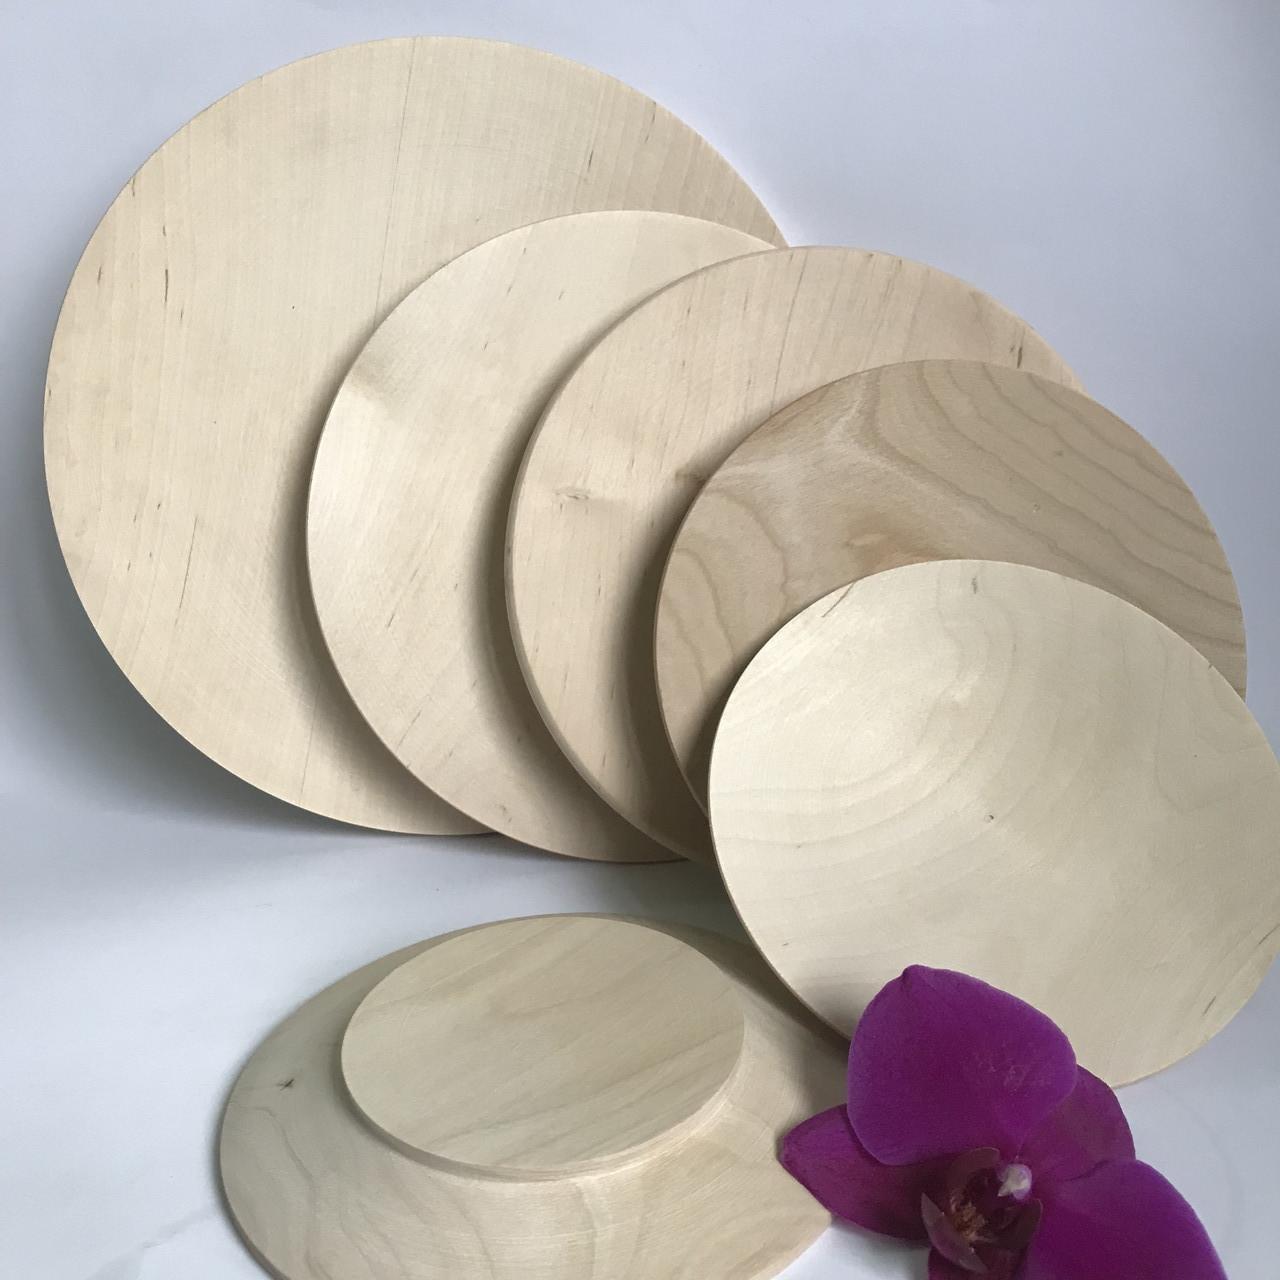 Тарілки дерев'яні плоскі 18см.